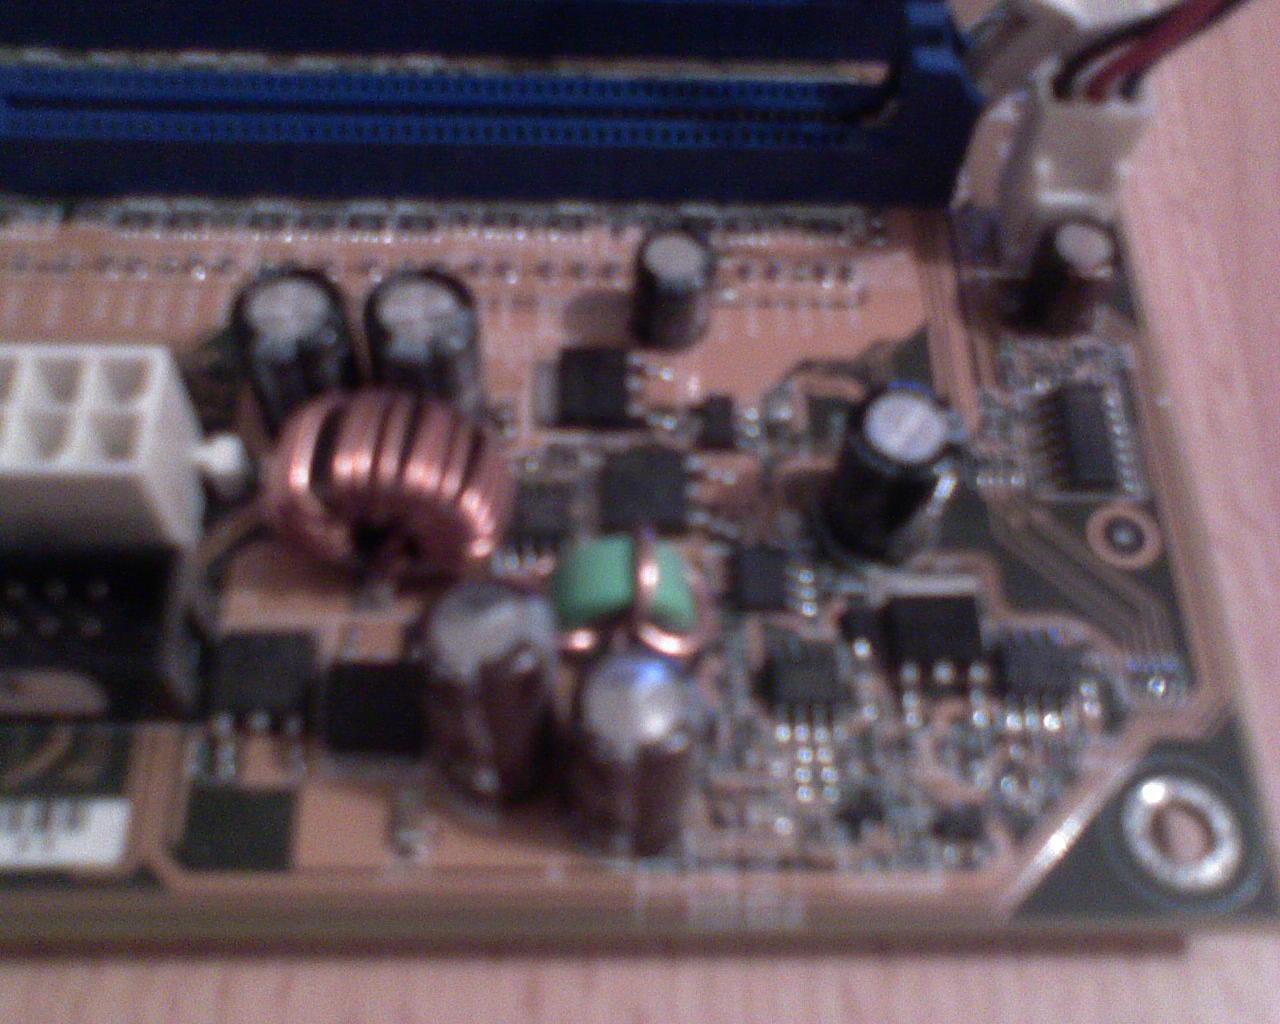 Asus A7N8X Deluxe - Uszkadzanie kondensator�w przy gnie�dzie zasilania.